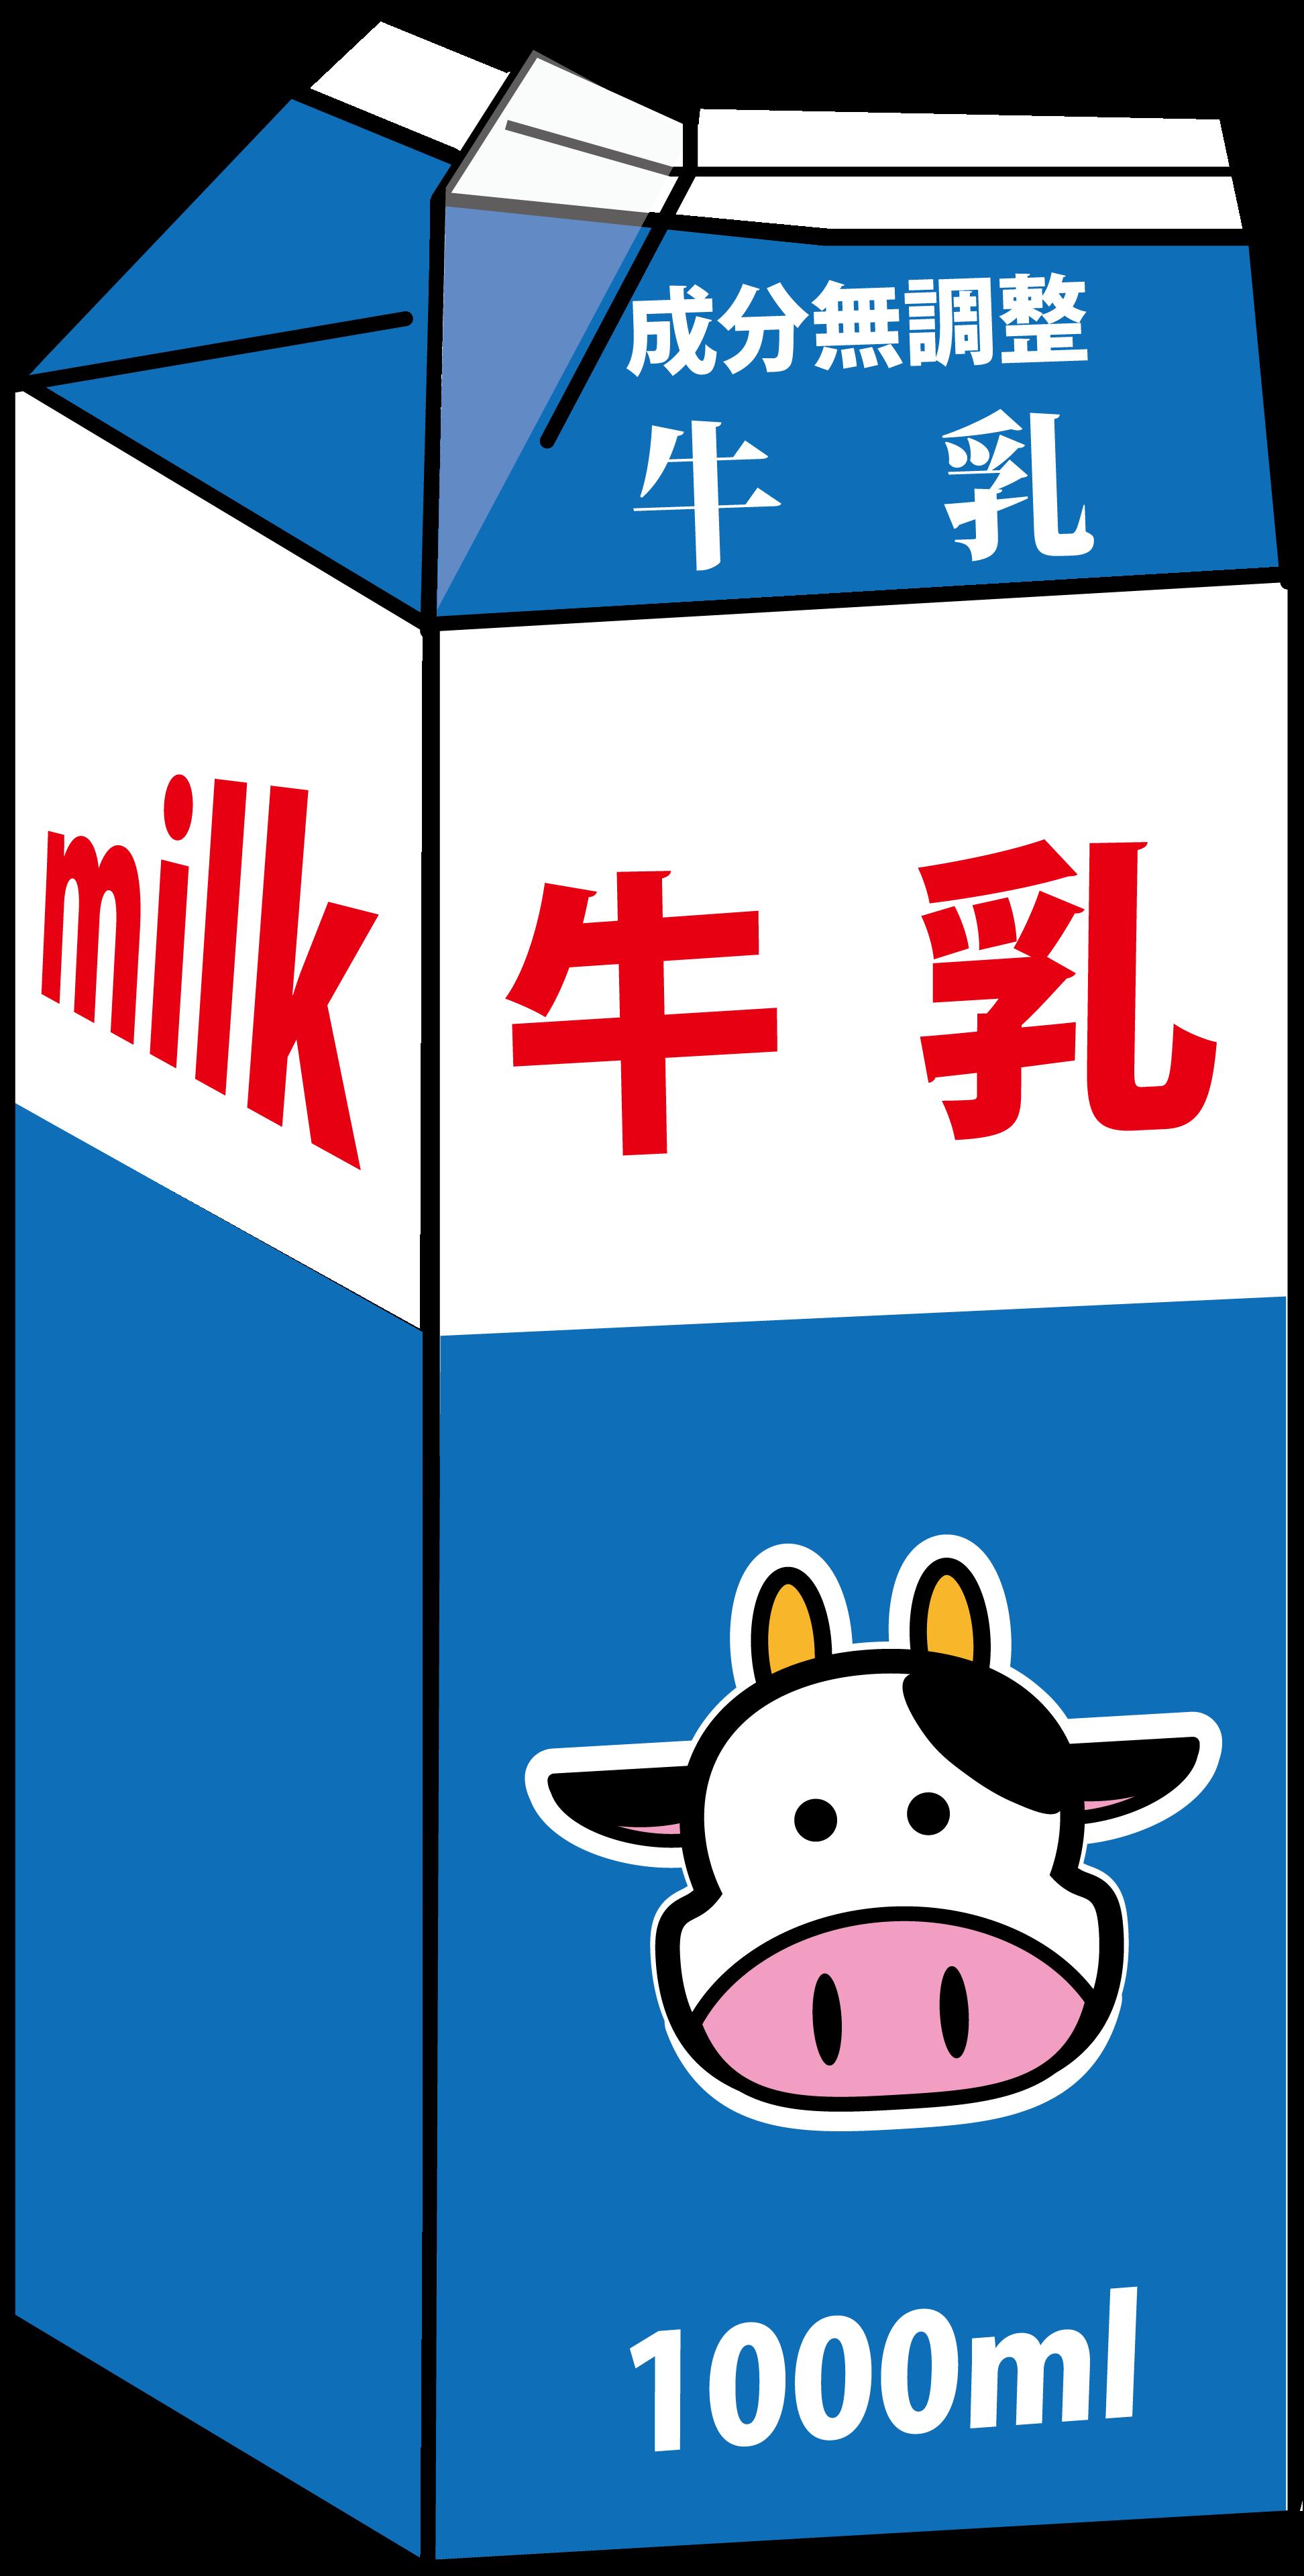 赤ちゃんの牛乳、いつから与える?アレルギーをおこさないためのポイント